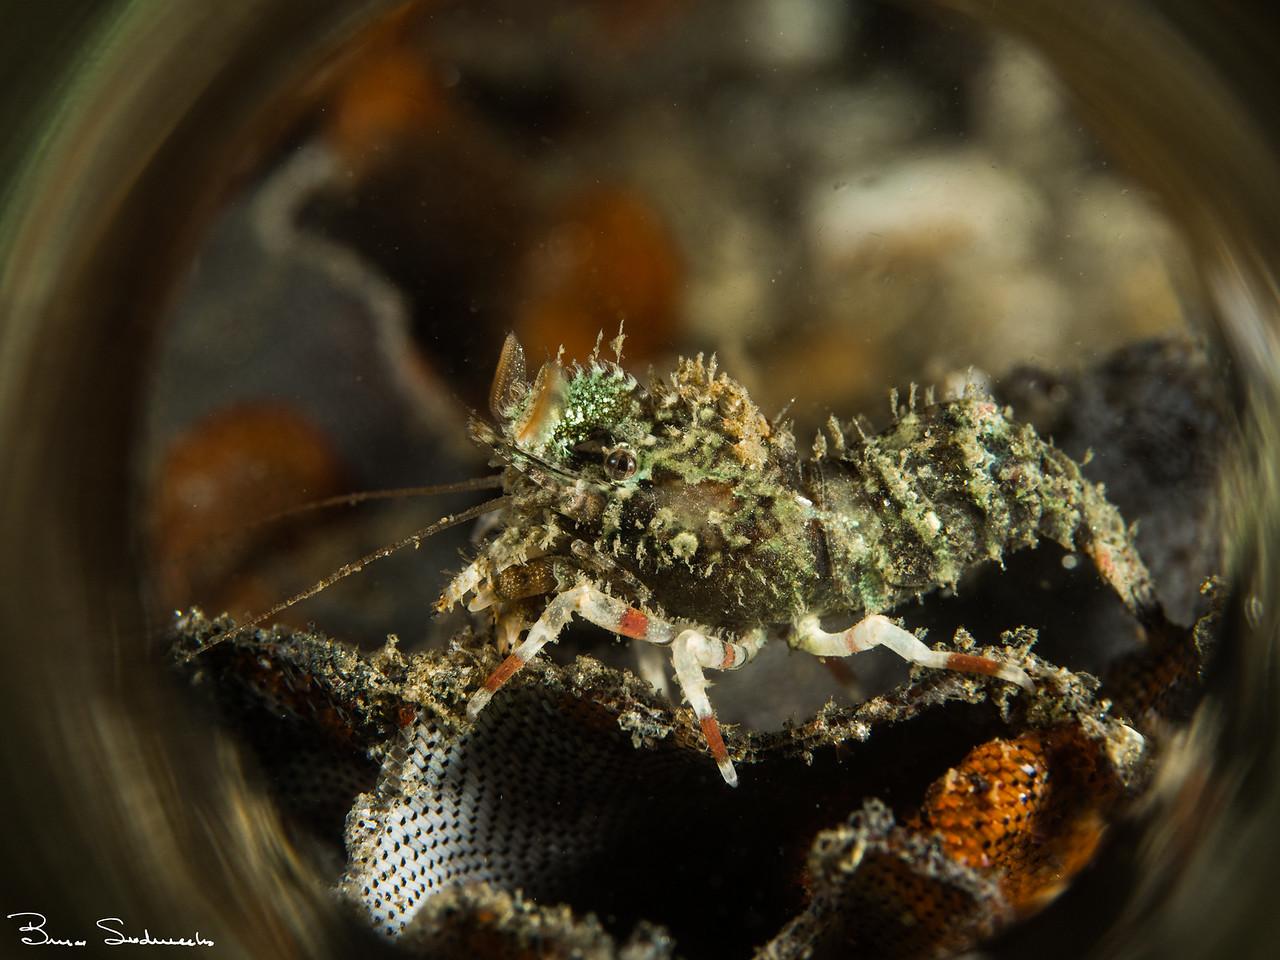 Spirontocaris prionota (deep blade shrimp)